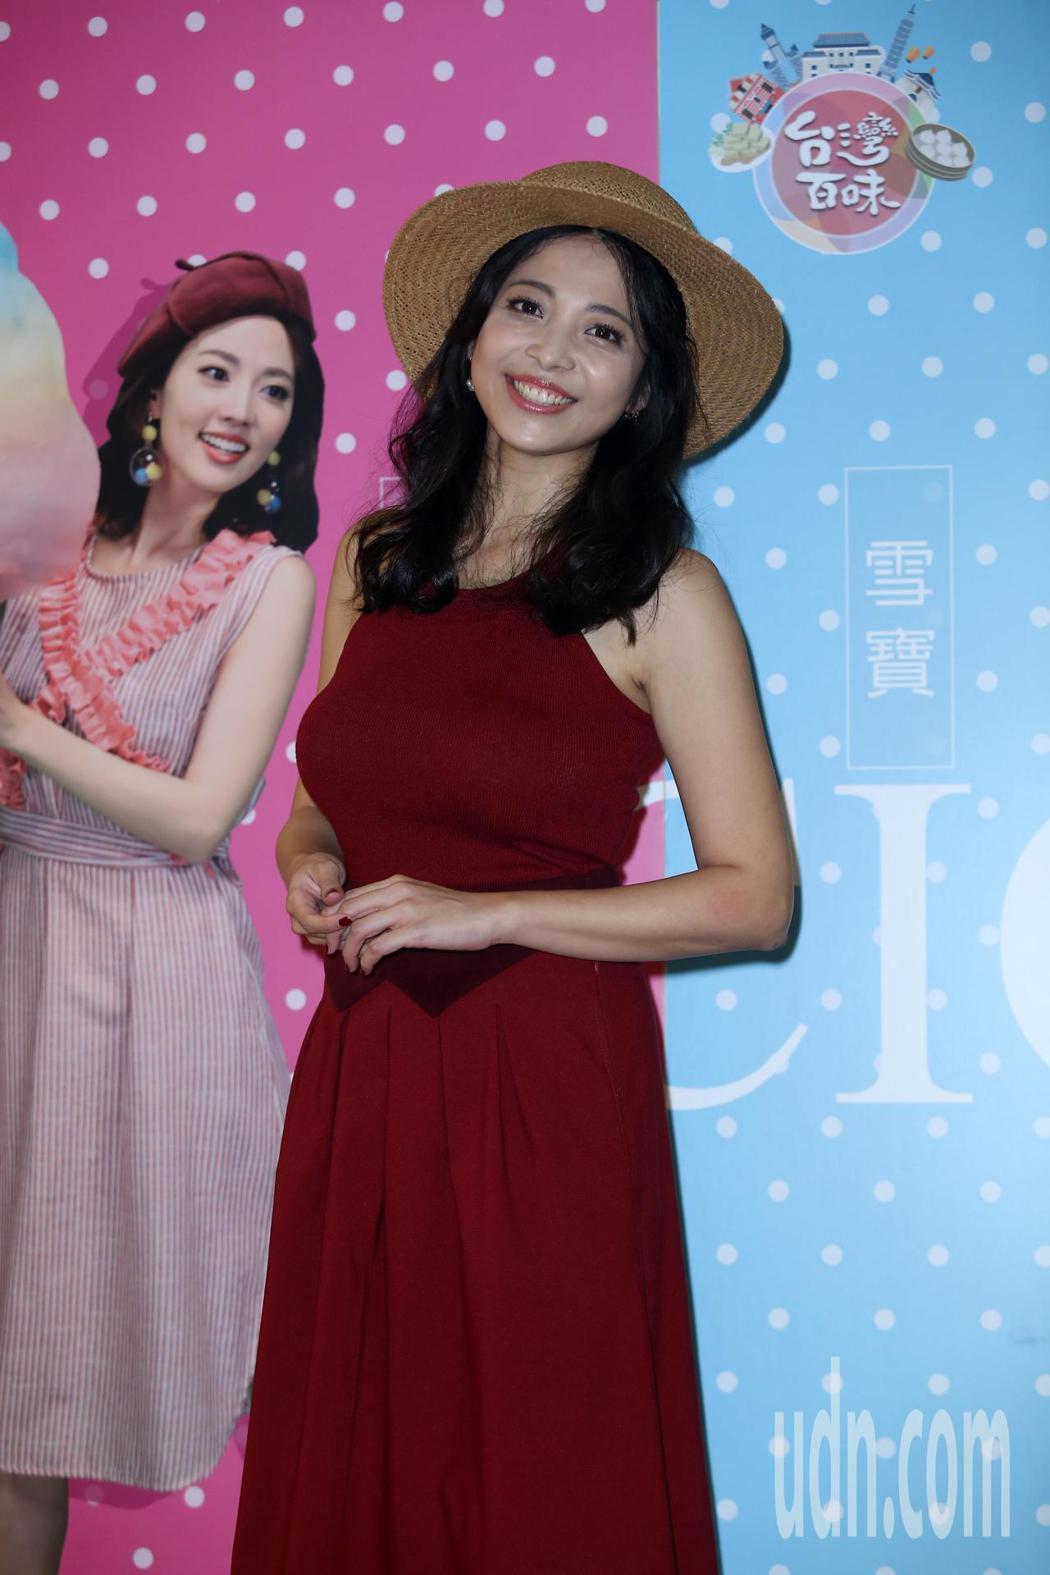 雪寶擔任高點電視台新節目「台灣百味」主持人。記者曾吉松/攝影